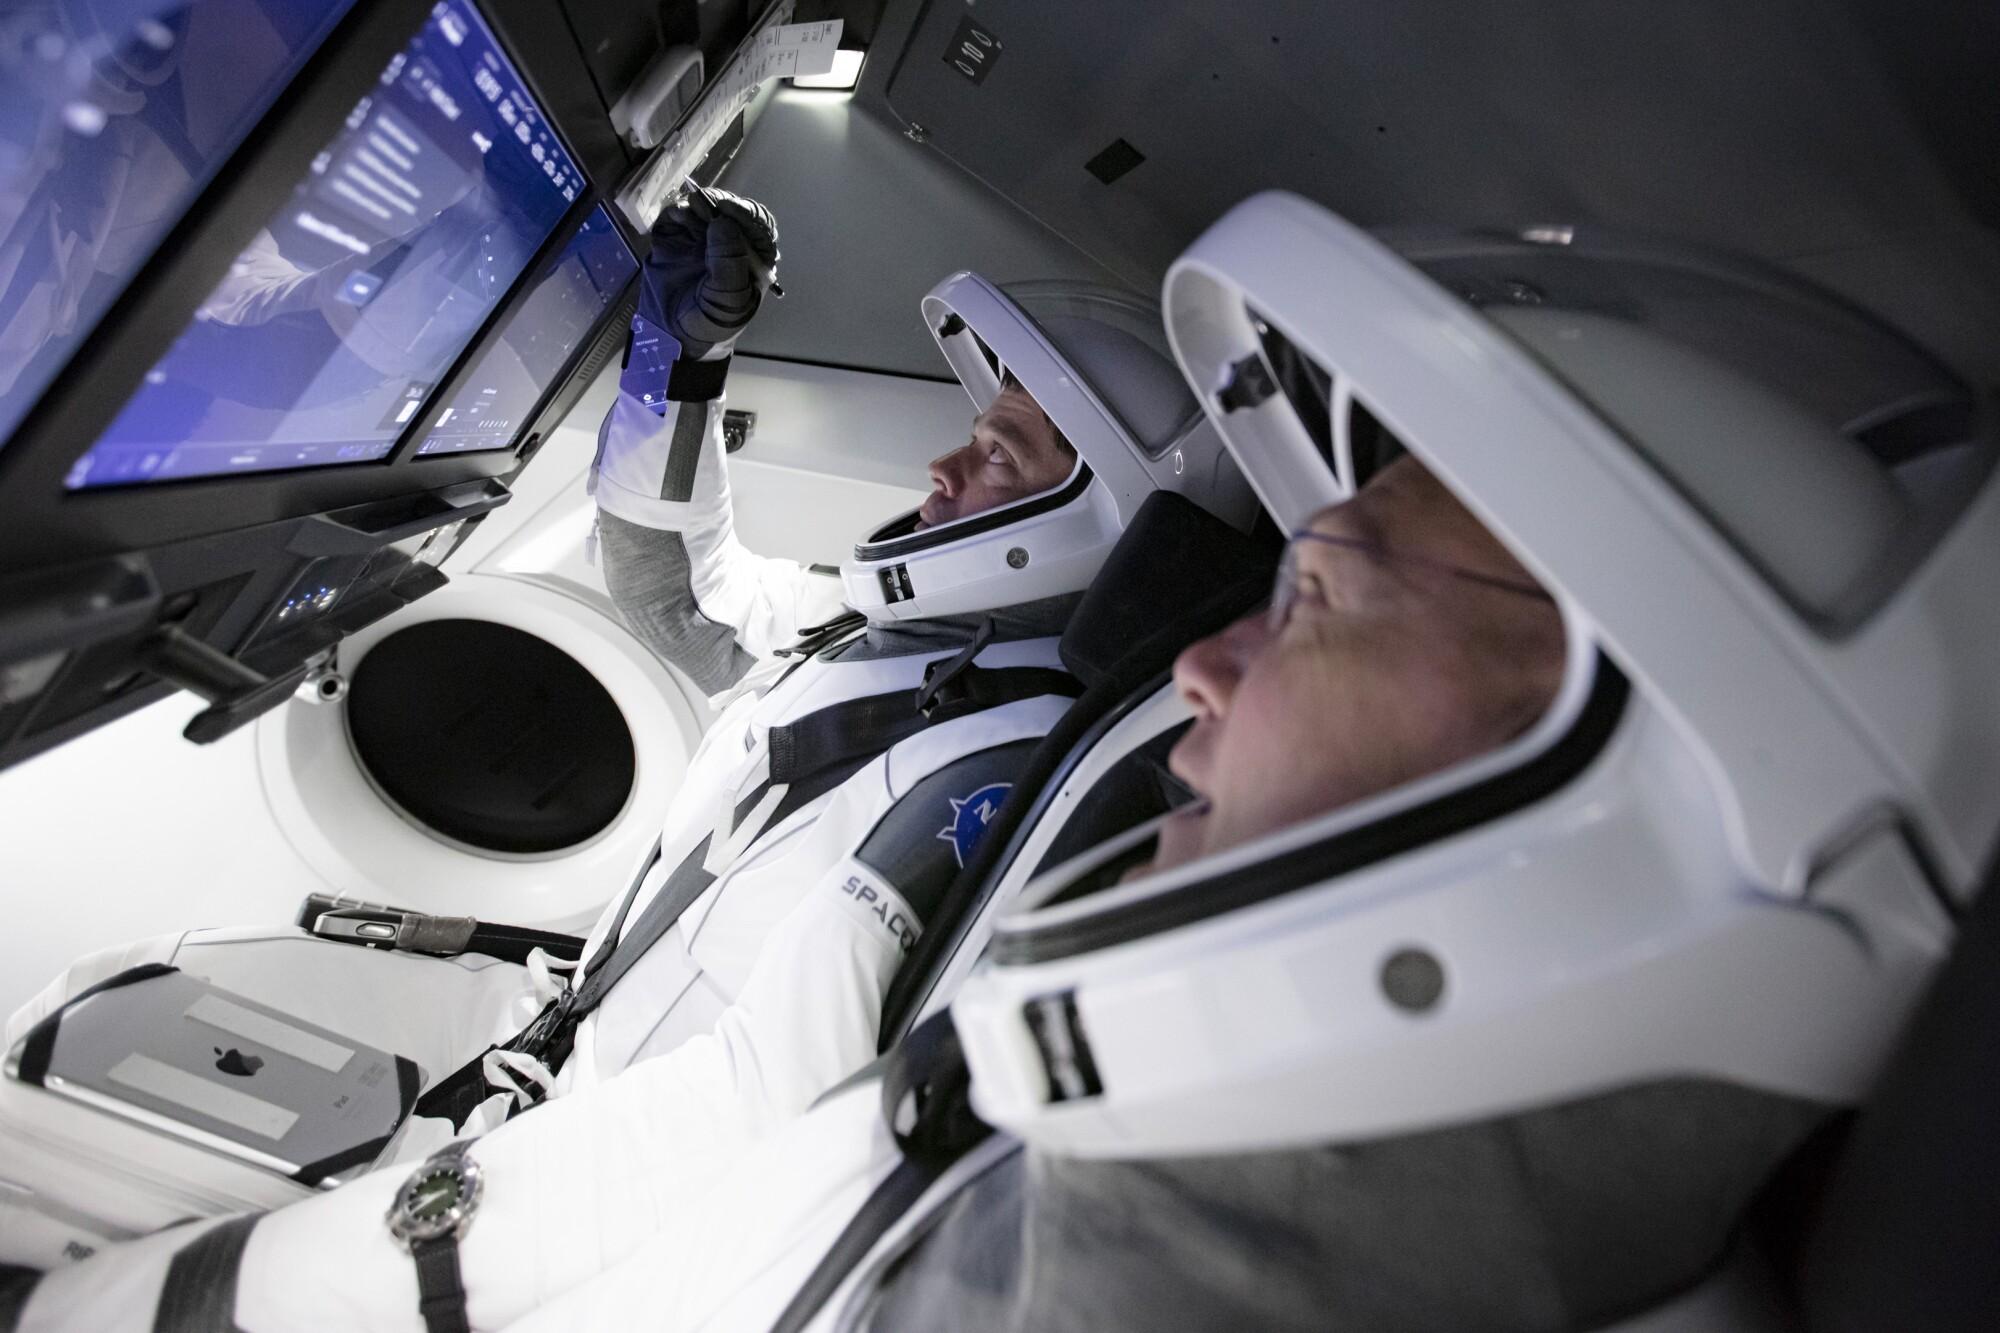 Astronauts practice in SpaceX flight simulator